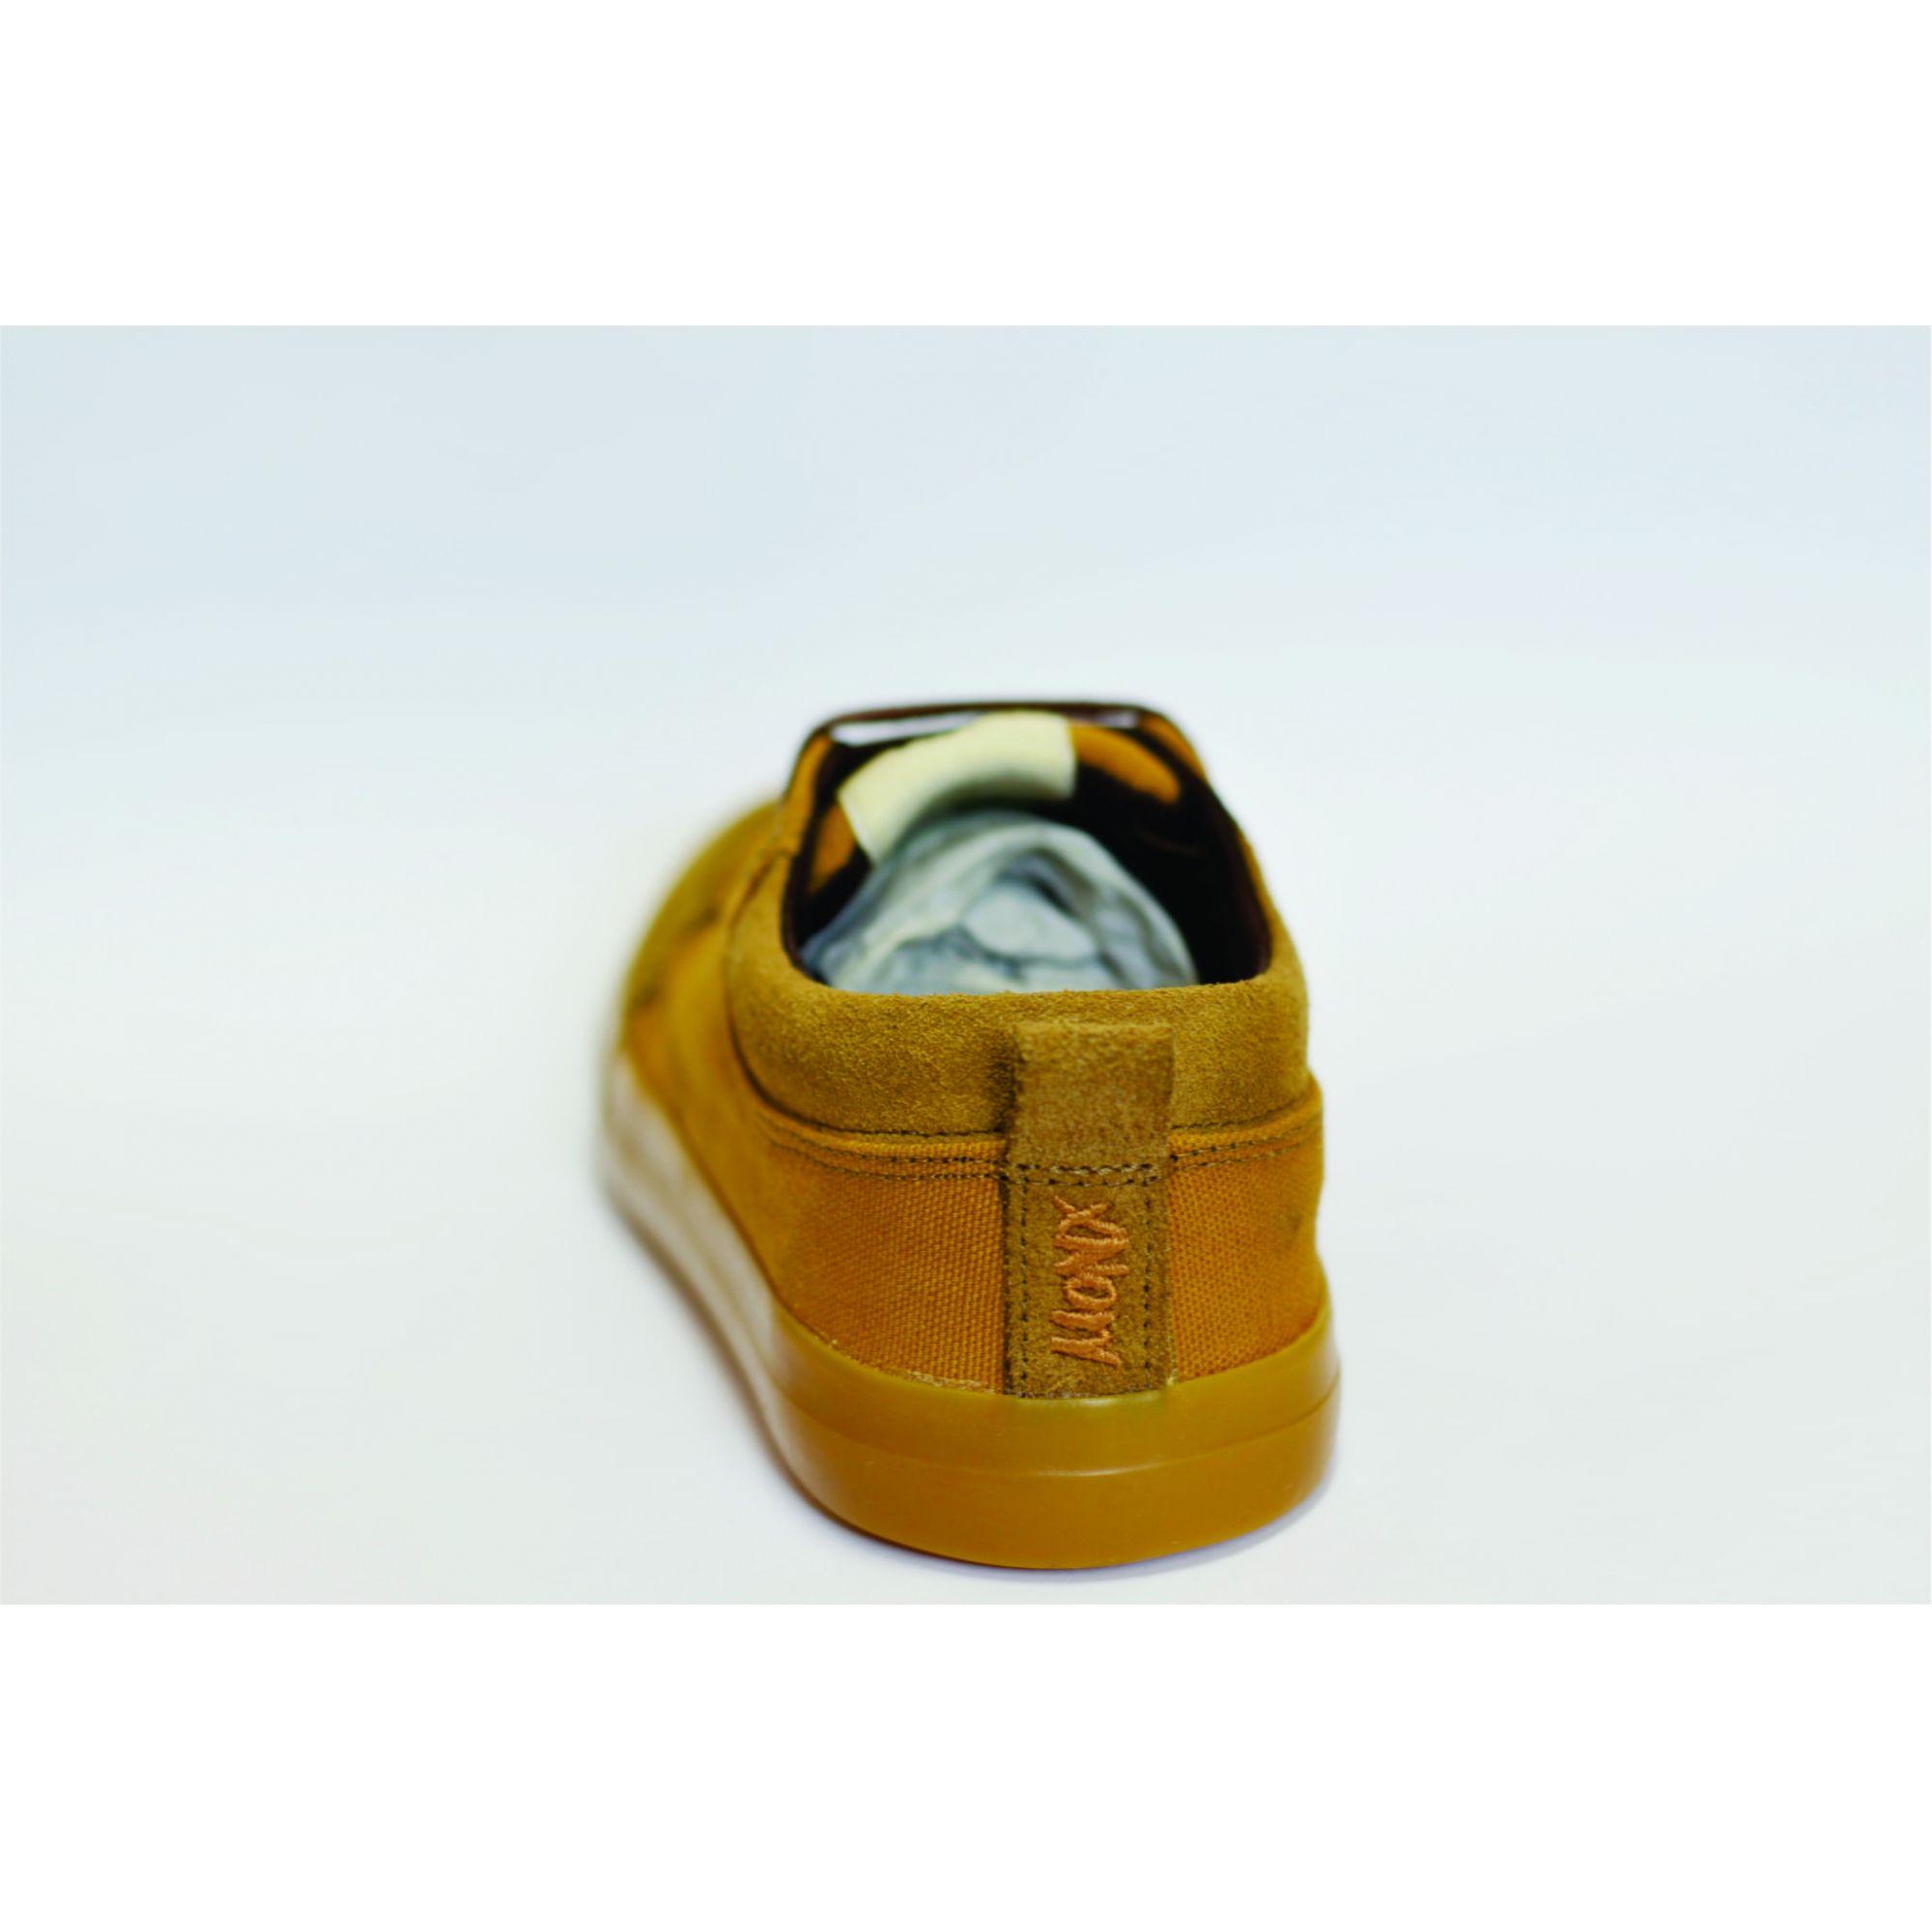 Combo 2 Cintas Modeladora Ajustável  - Took Shape + Tênis (Brinde)